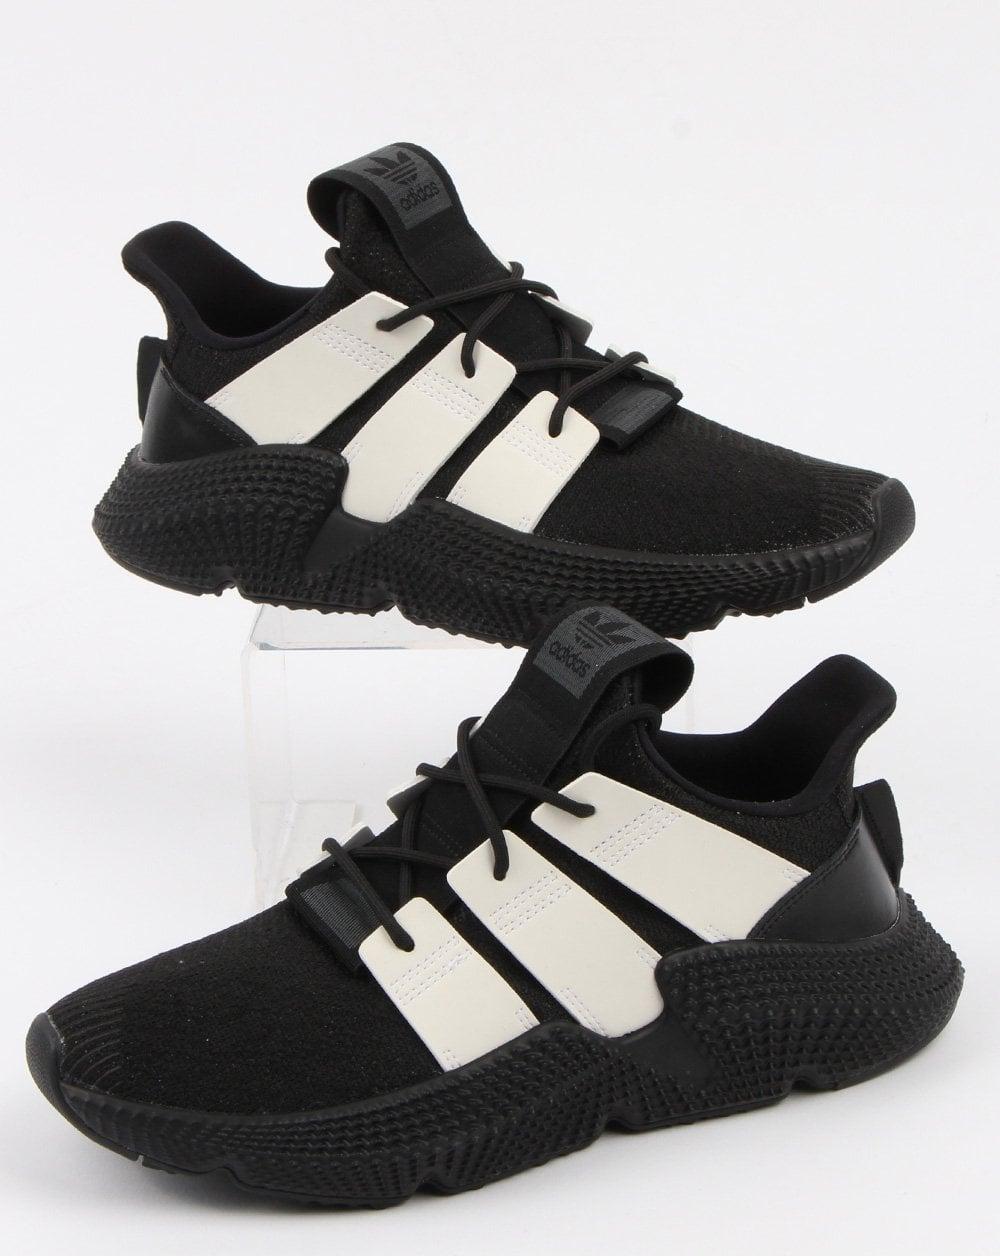 Adidas Prophere Sneakers Black UK